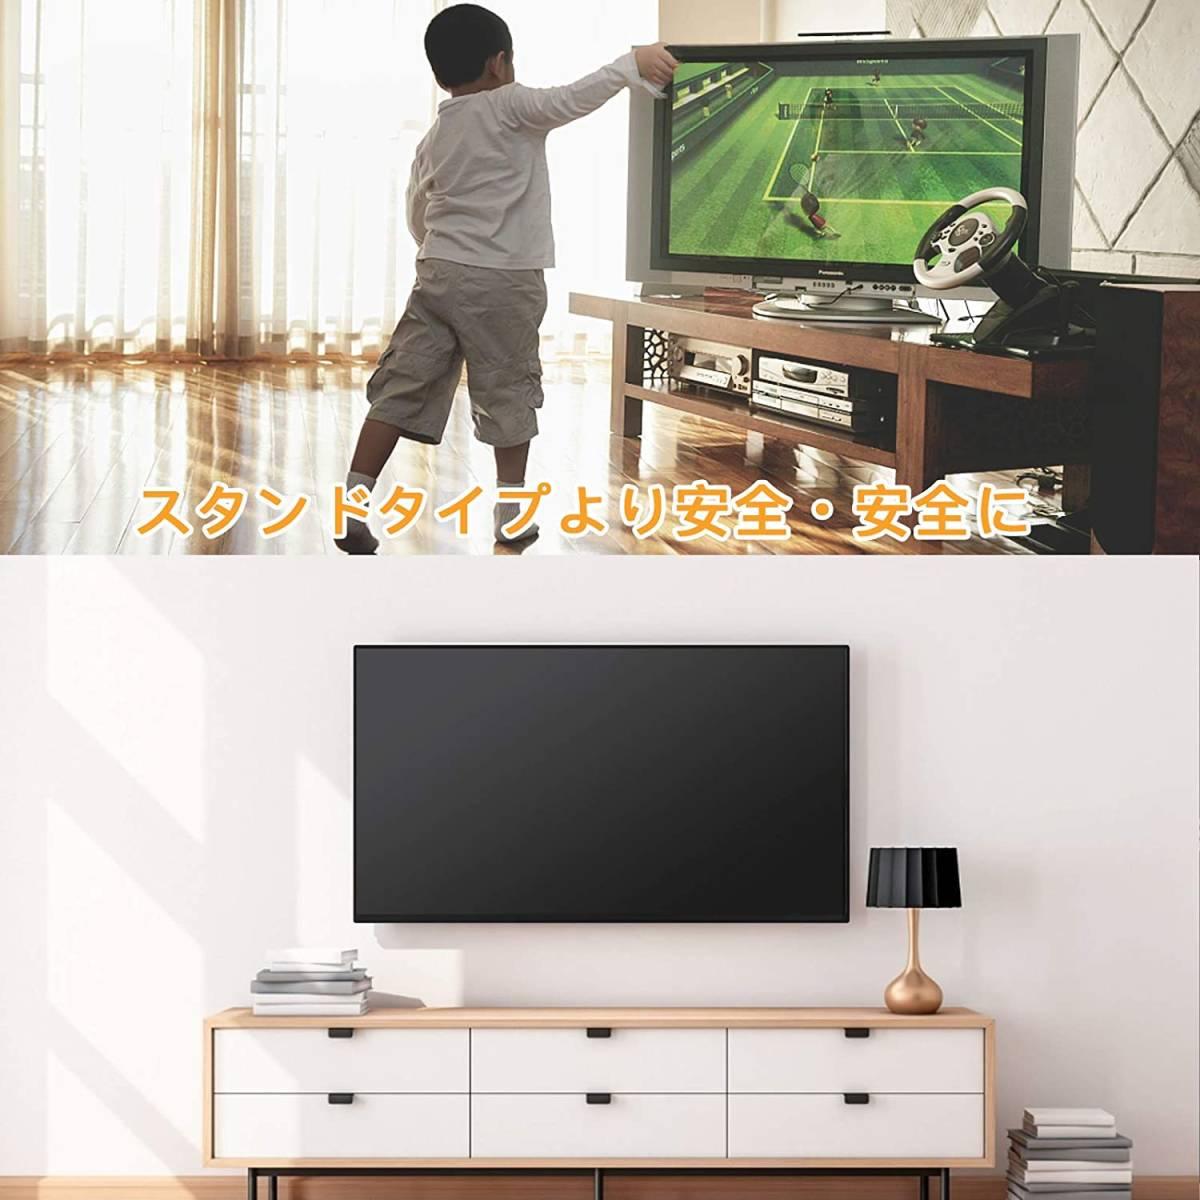 テレビ壁掛け金具 13~42インチ モニターLCD LED液晶テレビ対応 ティルト調節式 VESA対応 最大100x100mm 耐荷重15kg ネジ類付き (アーム型)_画像2